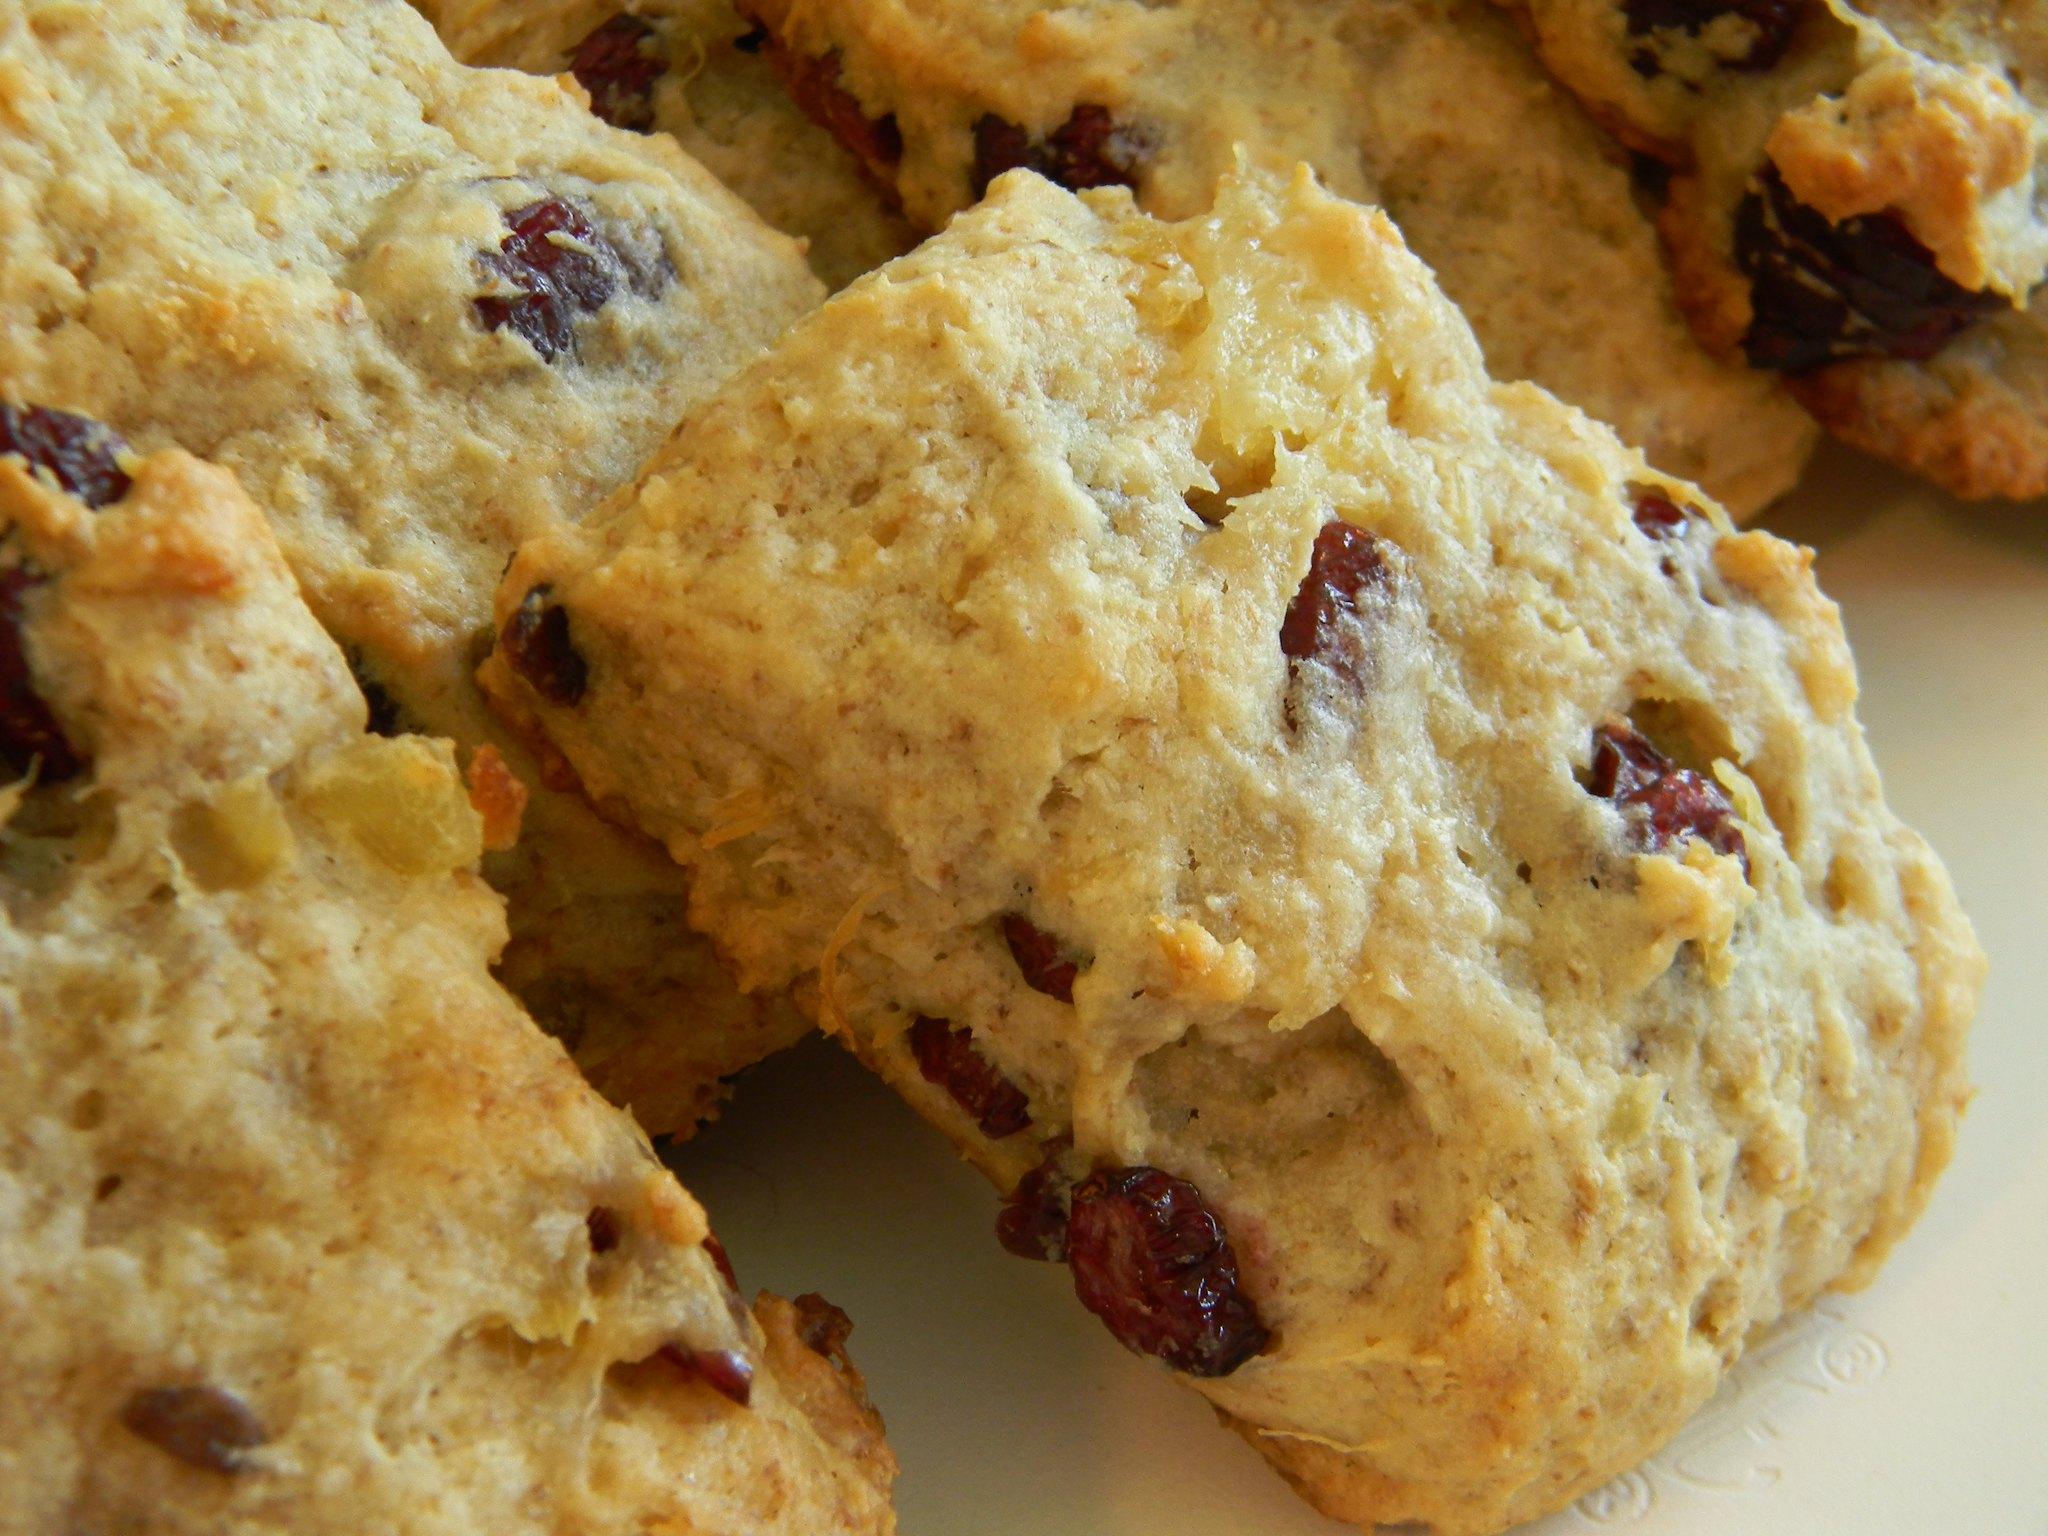 Cranberry Pineapple Drop Cookies